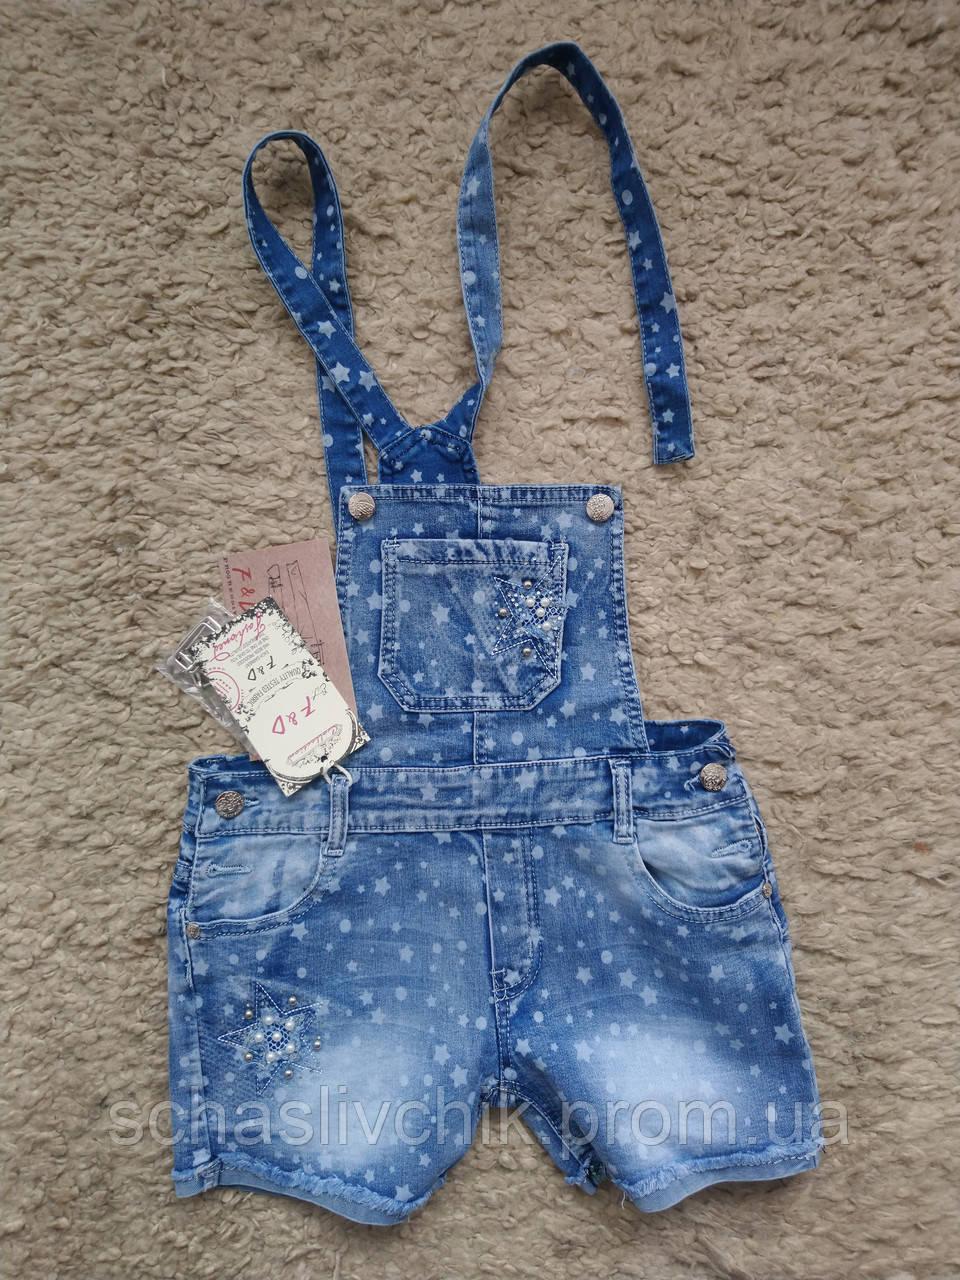 Комбинезон шорты , Детские джинсовые бриджи, шорты для мальчиков и девочек, размер 134-164, фирма F&D